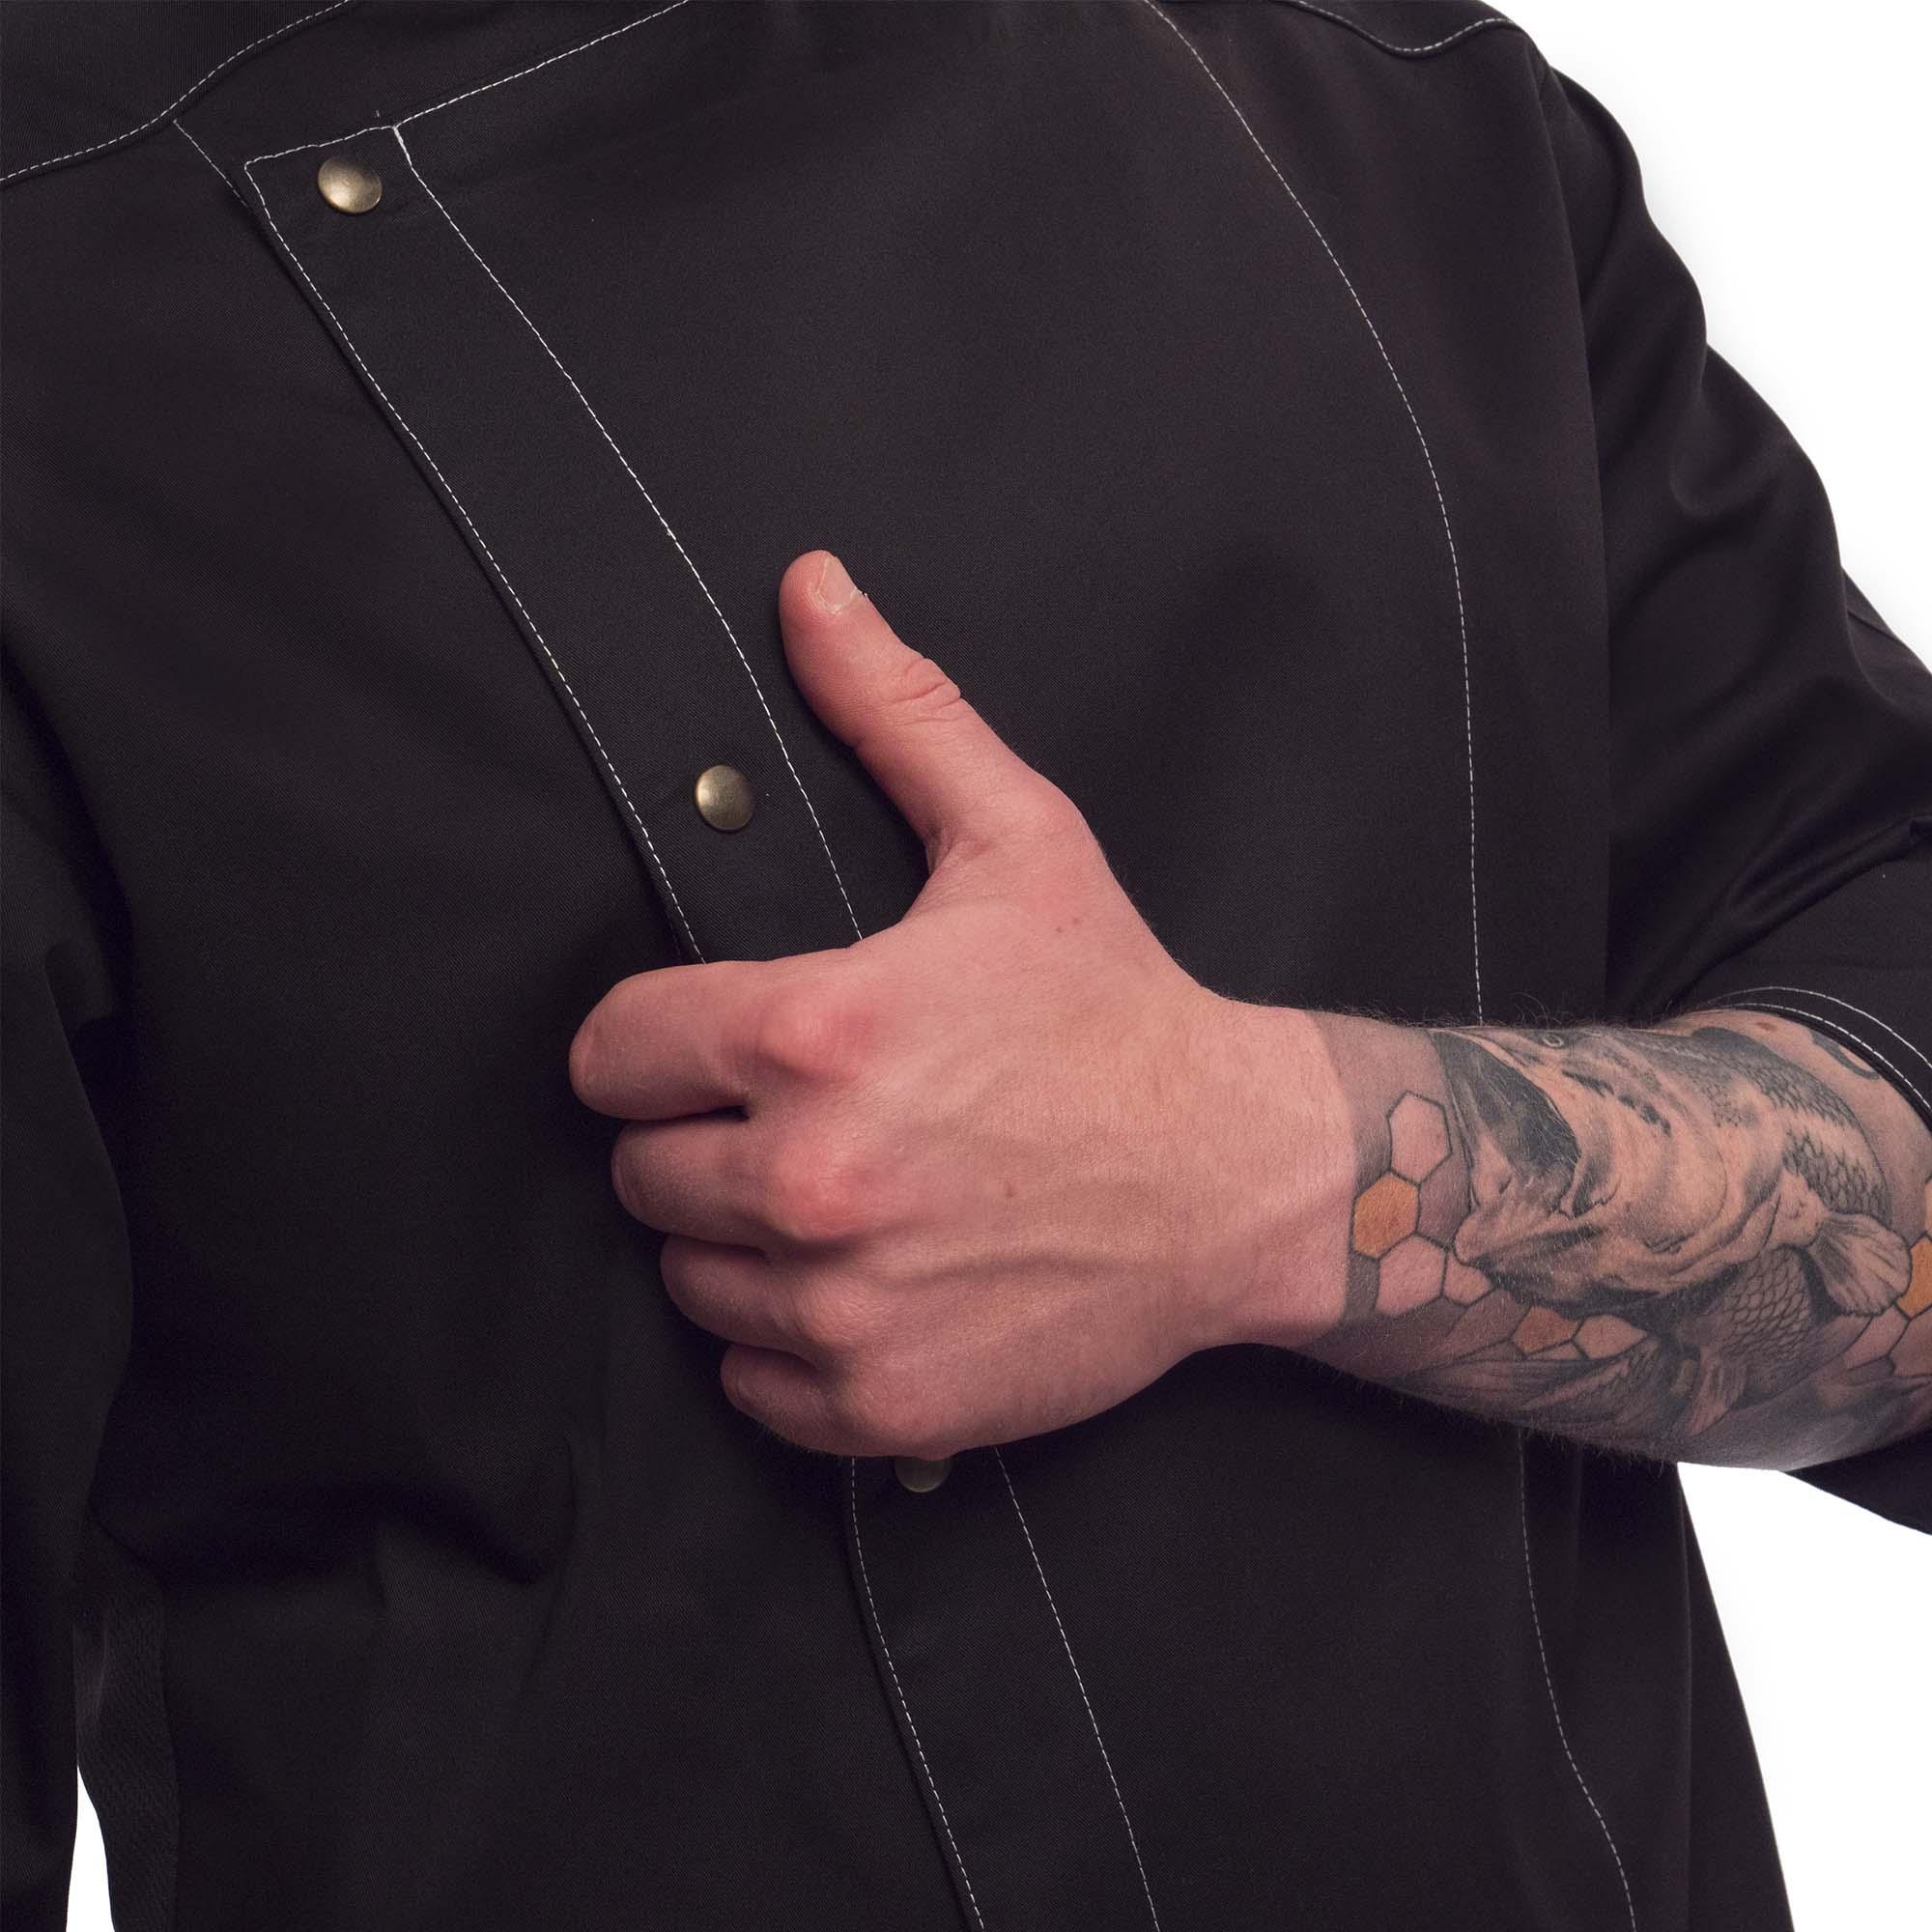 μπλουζα-σακακι σεφ-μαγειρα